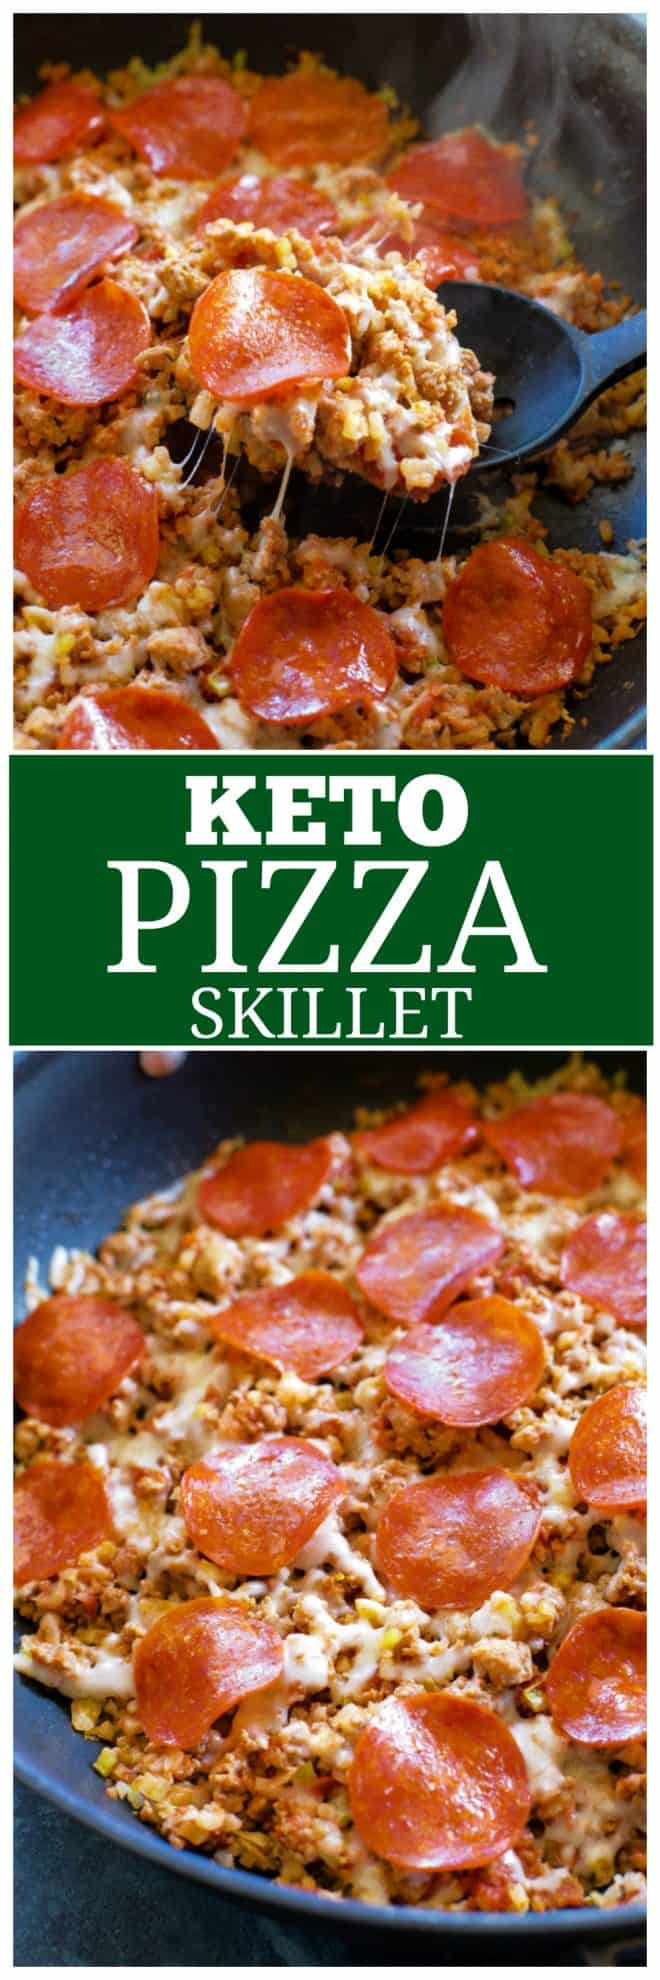 Keto Pizza Skillet